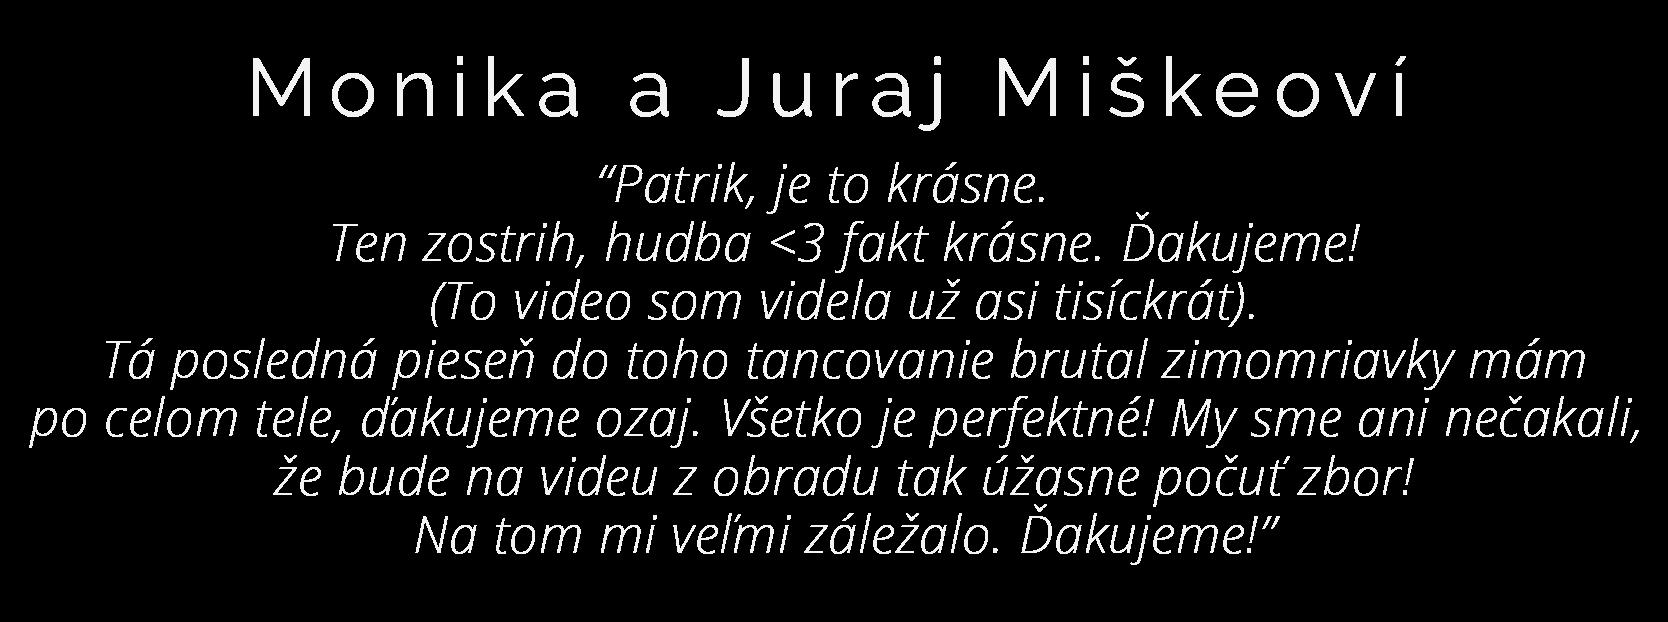 Recenzia svadobného videa nevestou Monikou Miškeovou